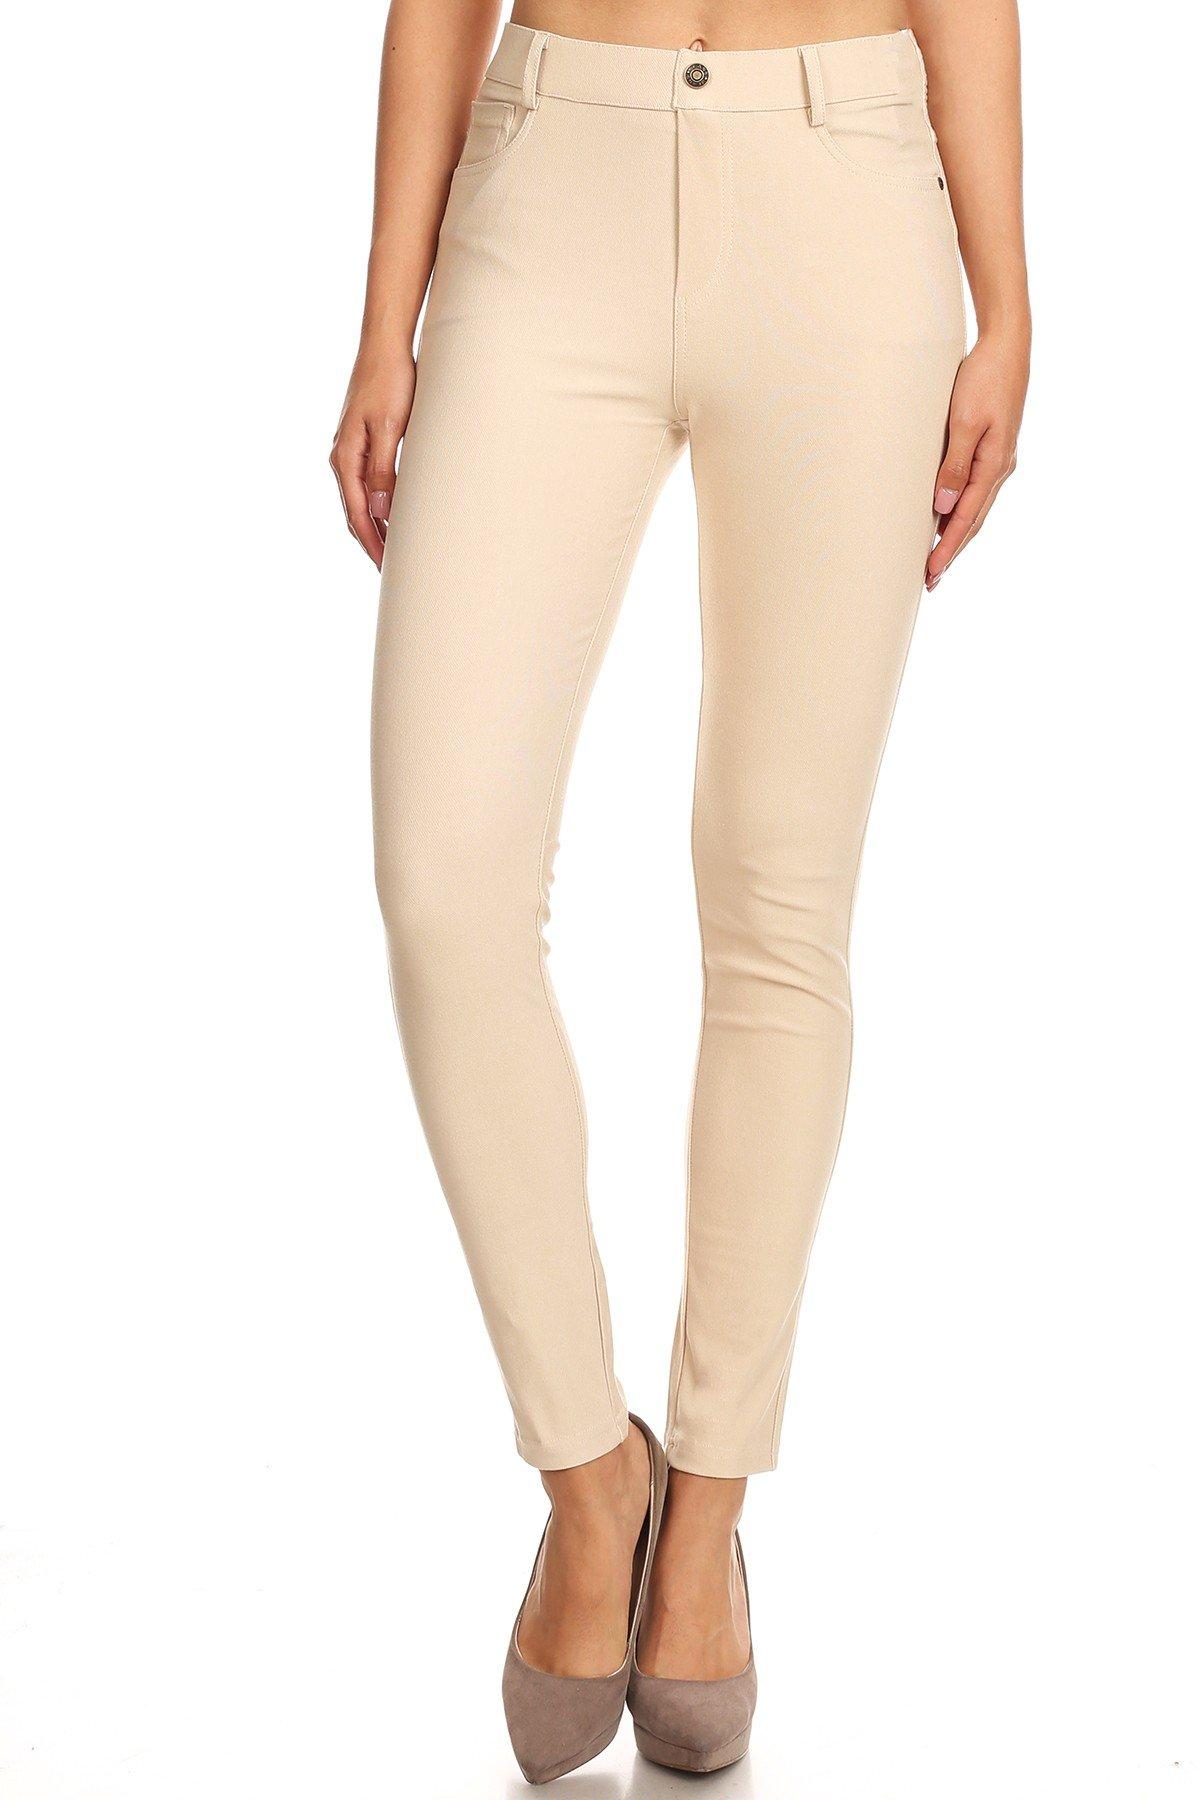 Jvini Women's Ultra Soft Pull-On Skinny Knit Denim Jean Leggings Khaki S